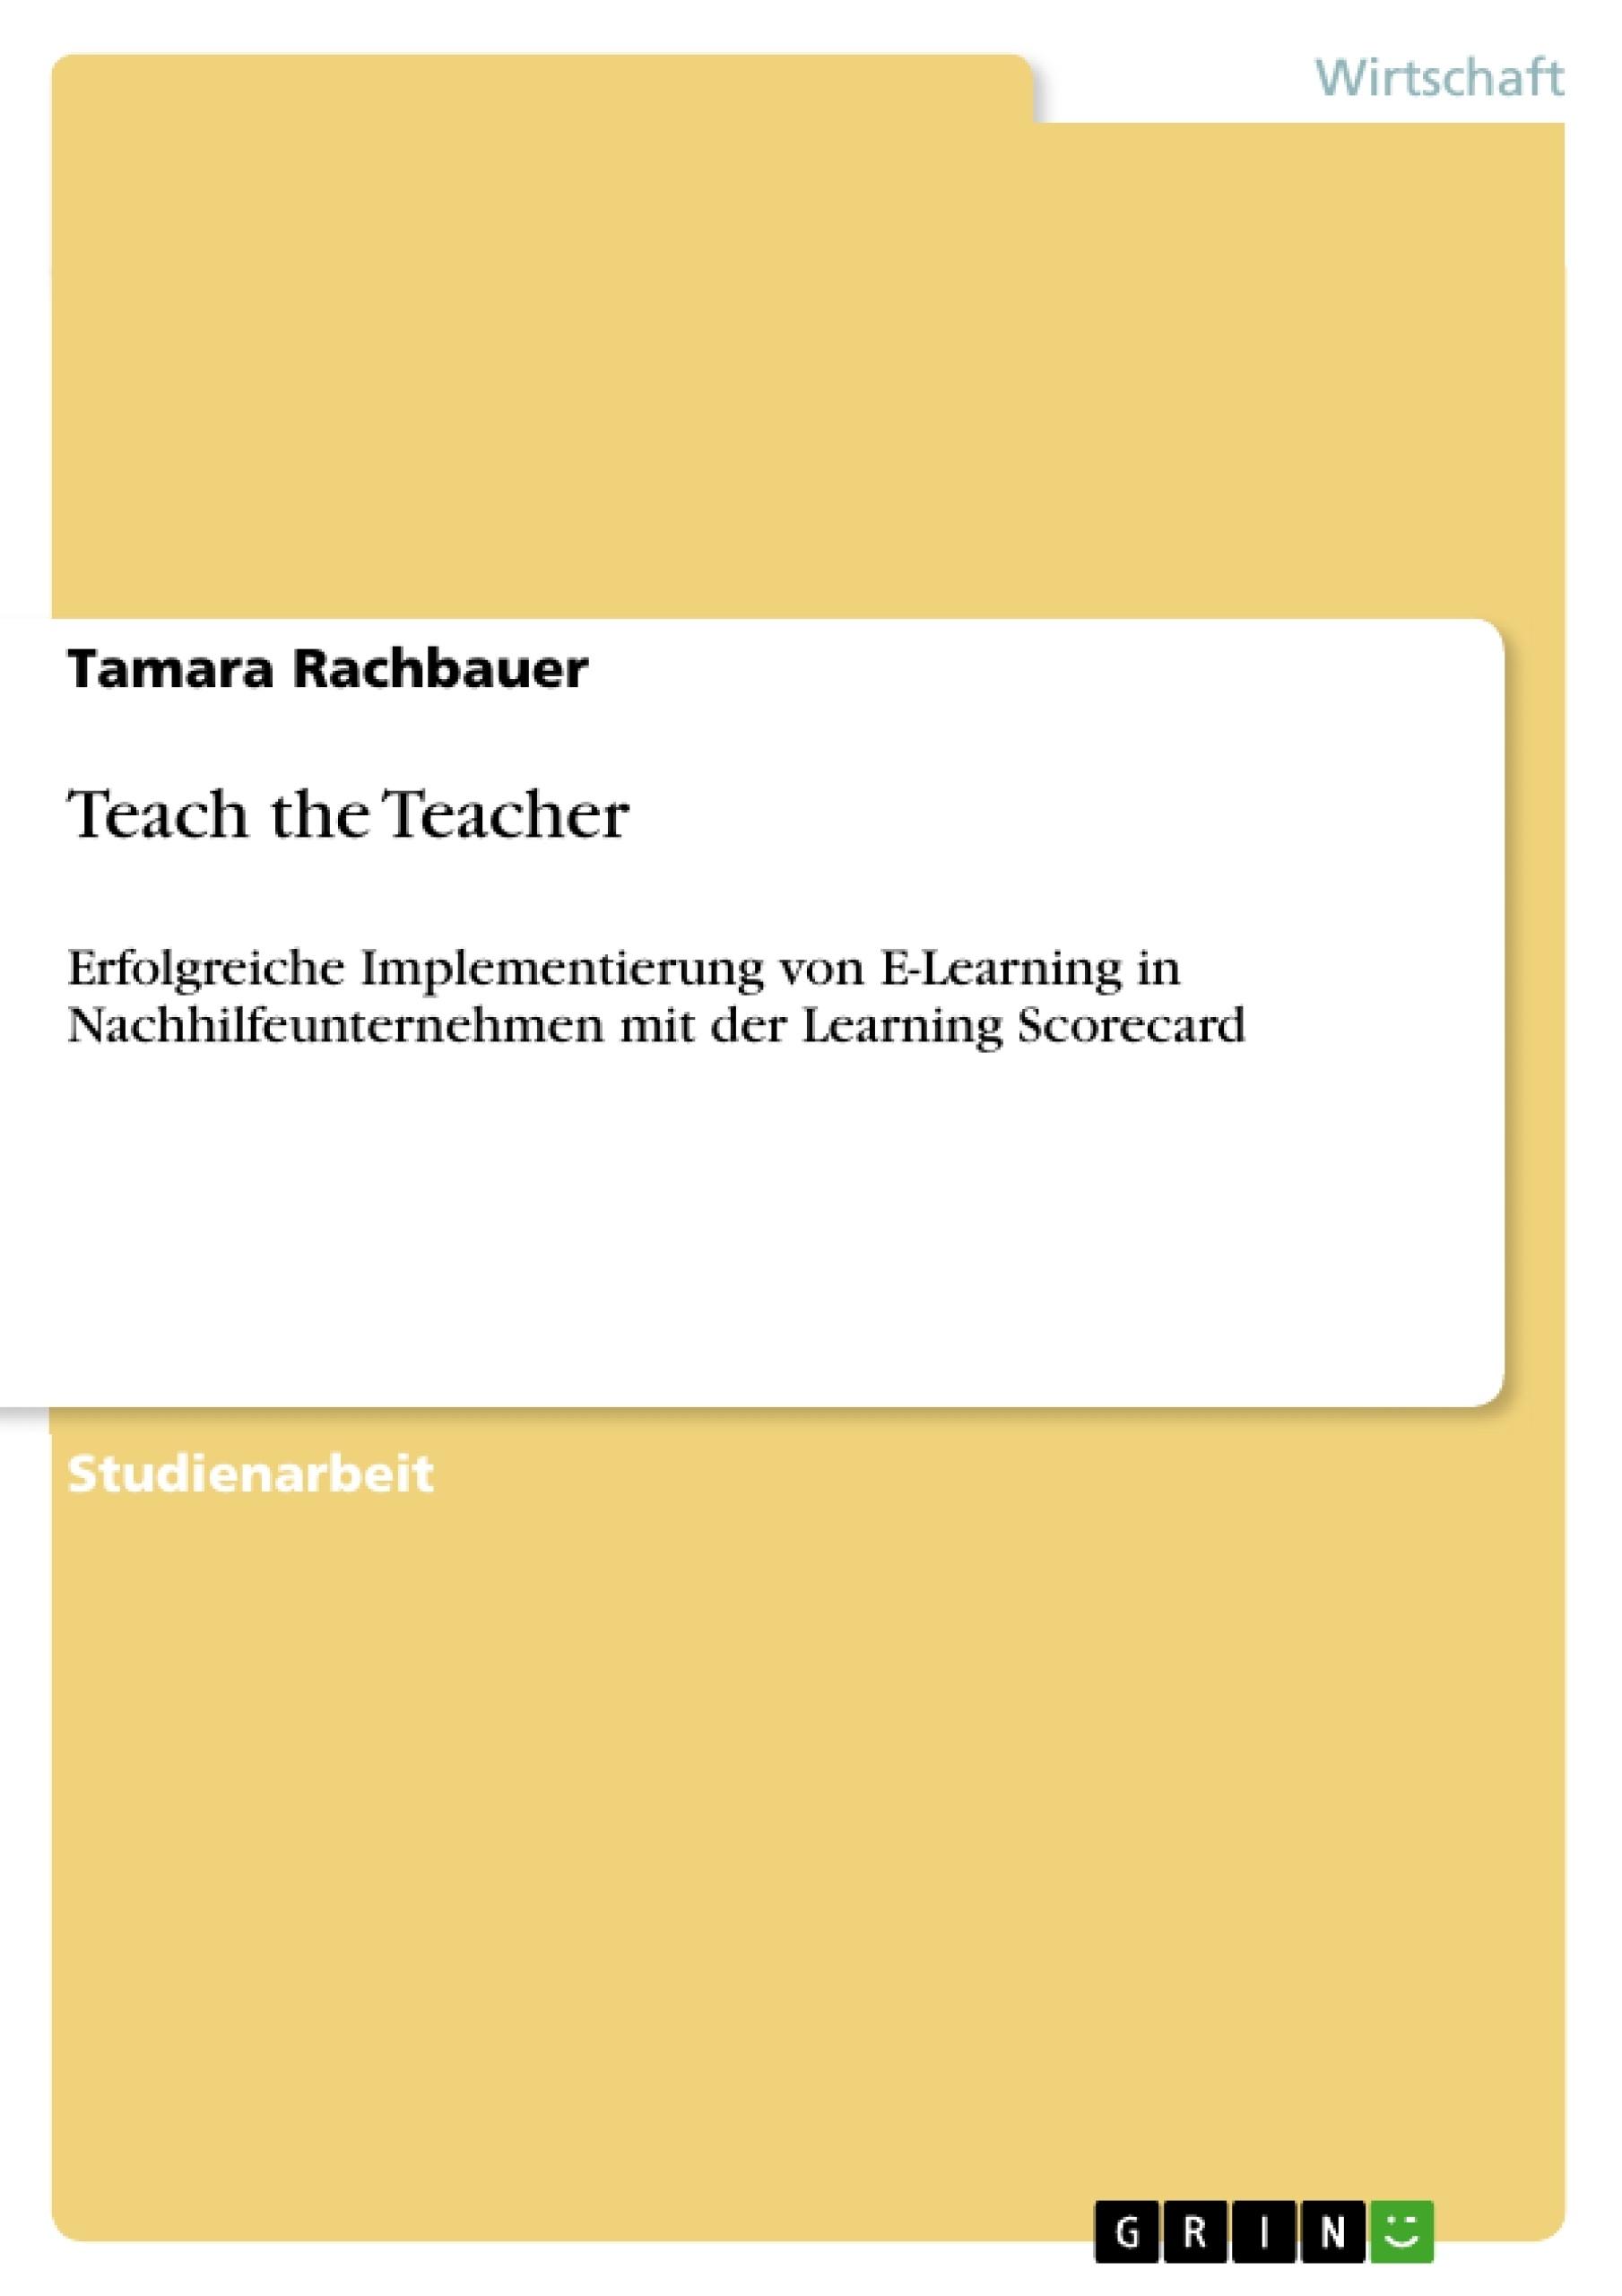 Titel: Teach the Teacher